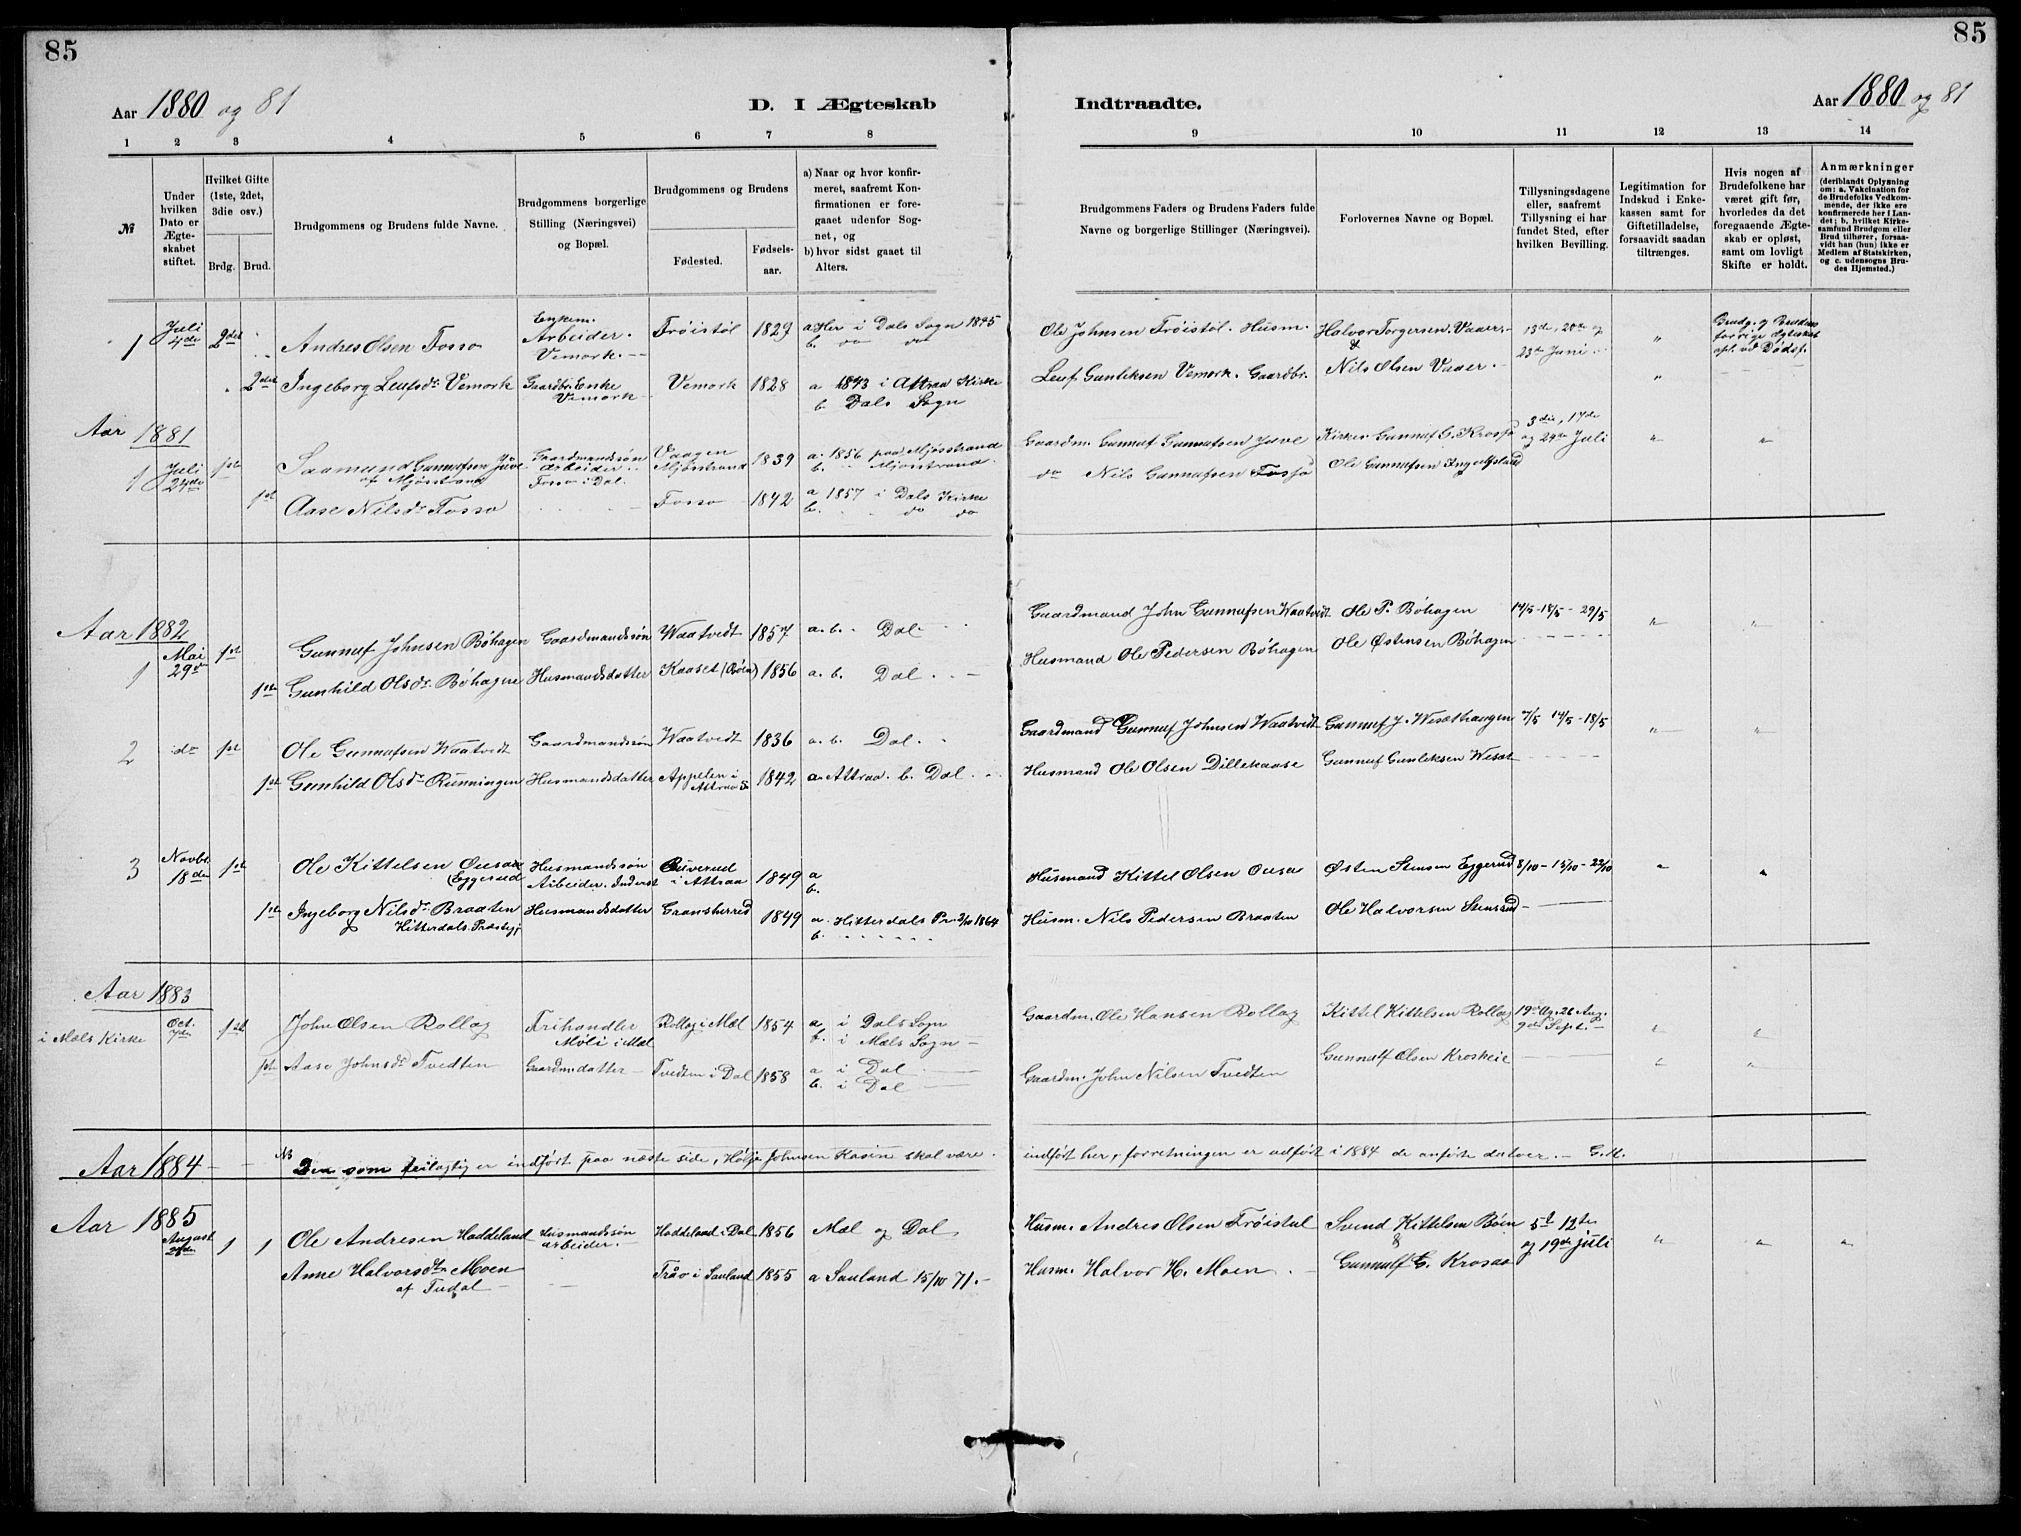 SAKO, Rjukan kirkebøker, G/Ga/L0001: Klokkerbok nr. 1, 1880-1914, s. 85